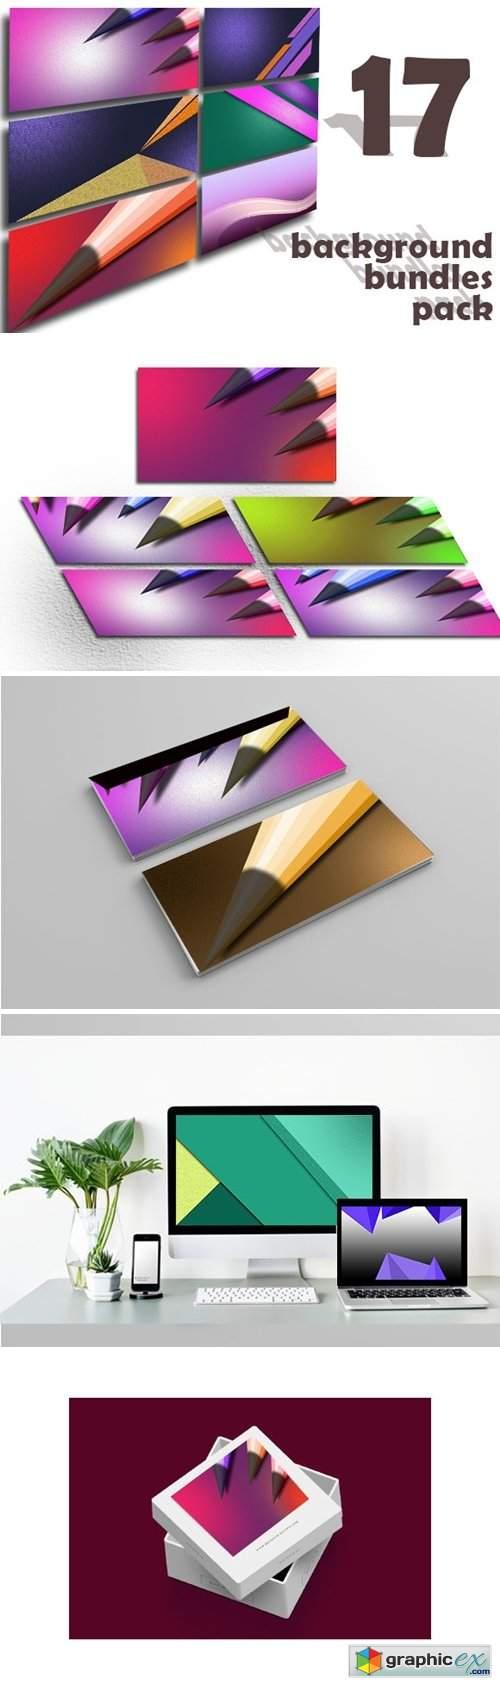 Luxury Background Design Bundles